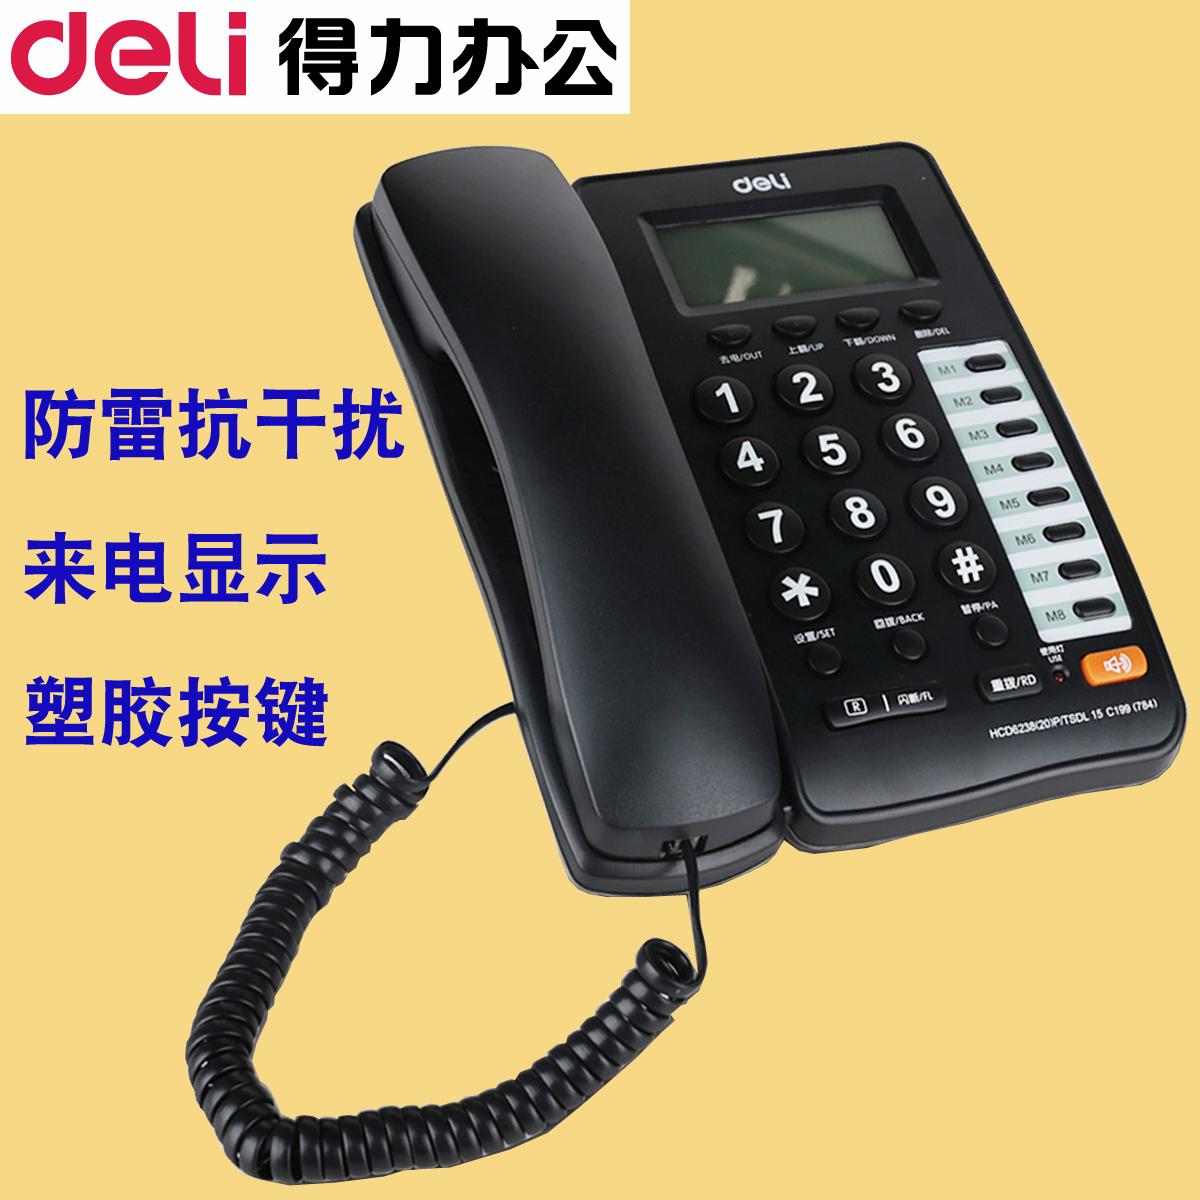 Компетентный телефон сиденье машинально домой картина машинально проводной входящий звонок . шоу расширение бизнес 784 черный фиксированный телефон